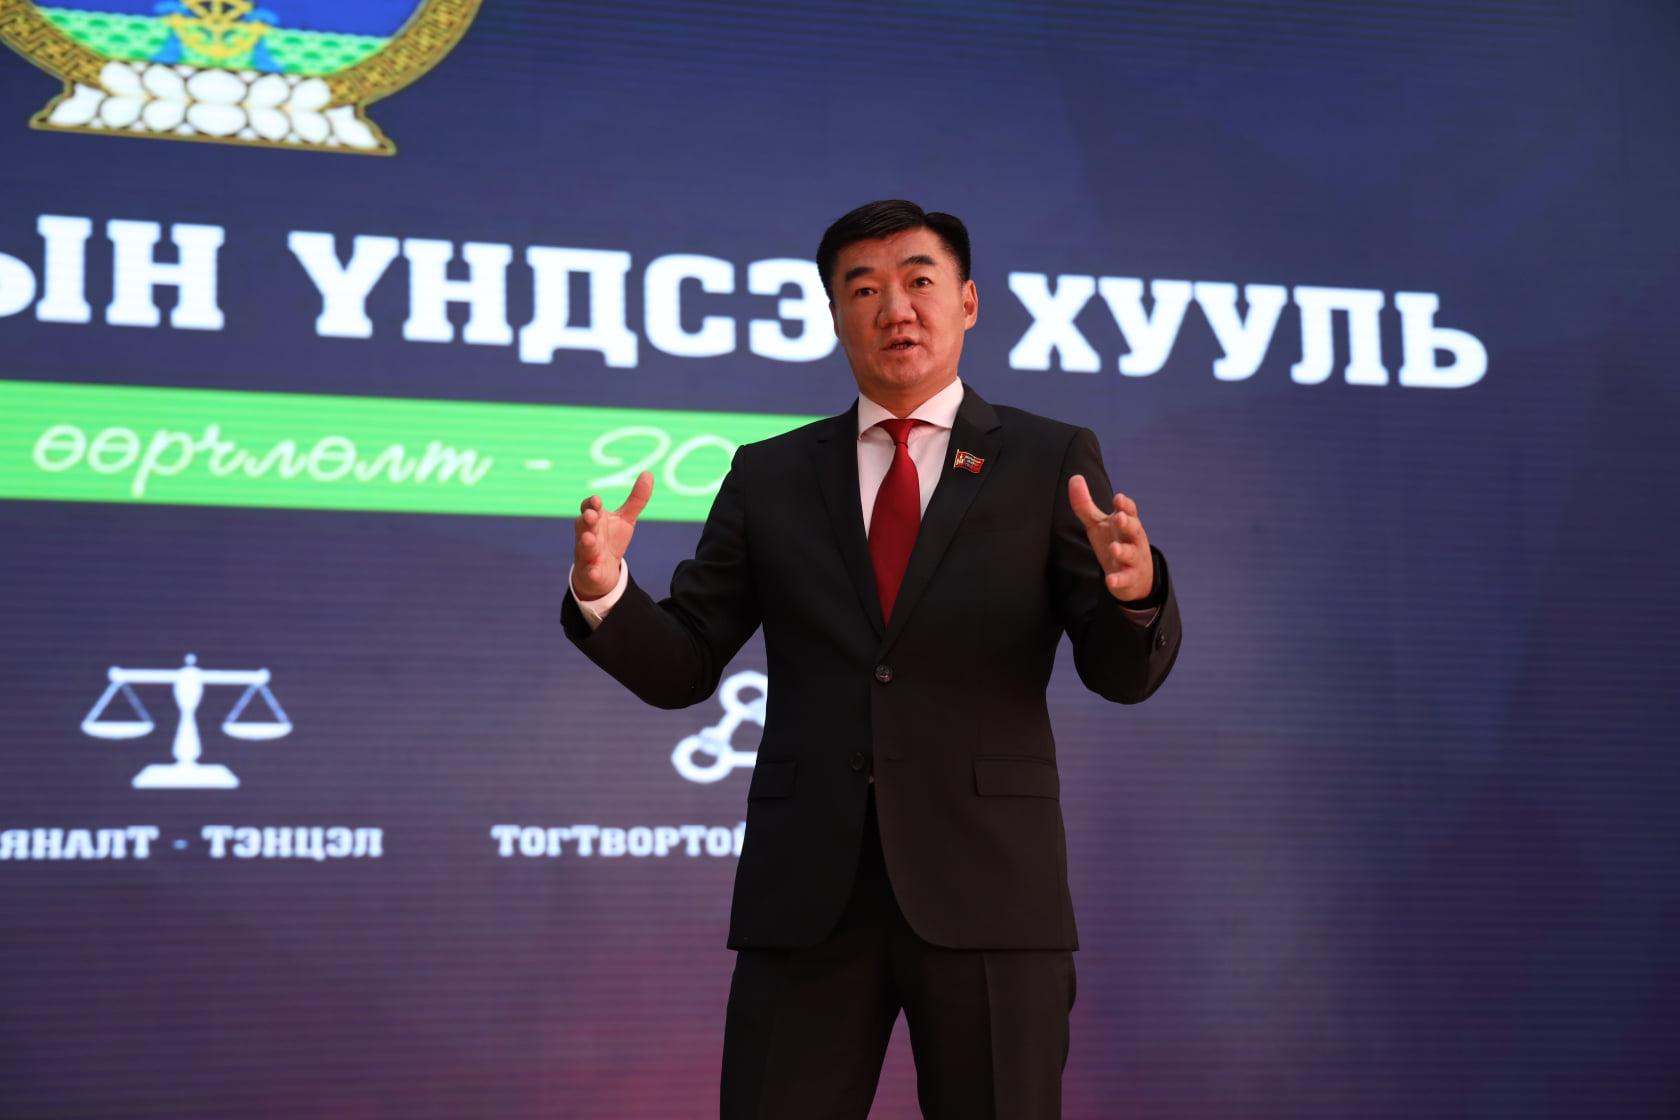 Өнөөдөр Монгол Улсын Үндсэн хуульд нэмэлт өөрчлөлт оруулсан нэг жилийн ойн өдөр